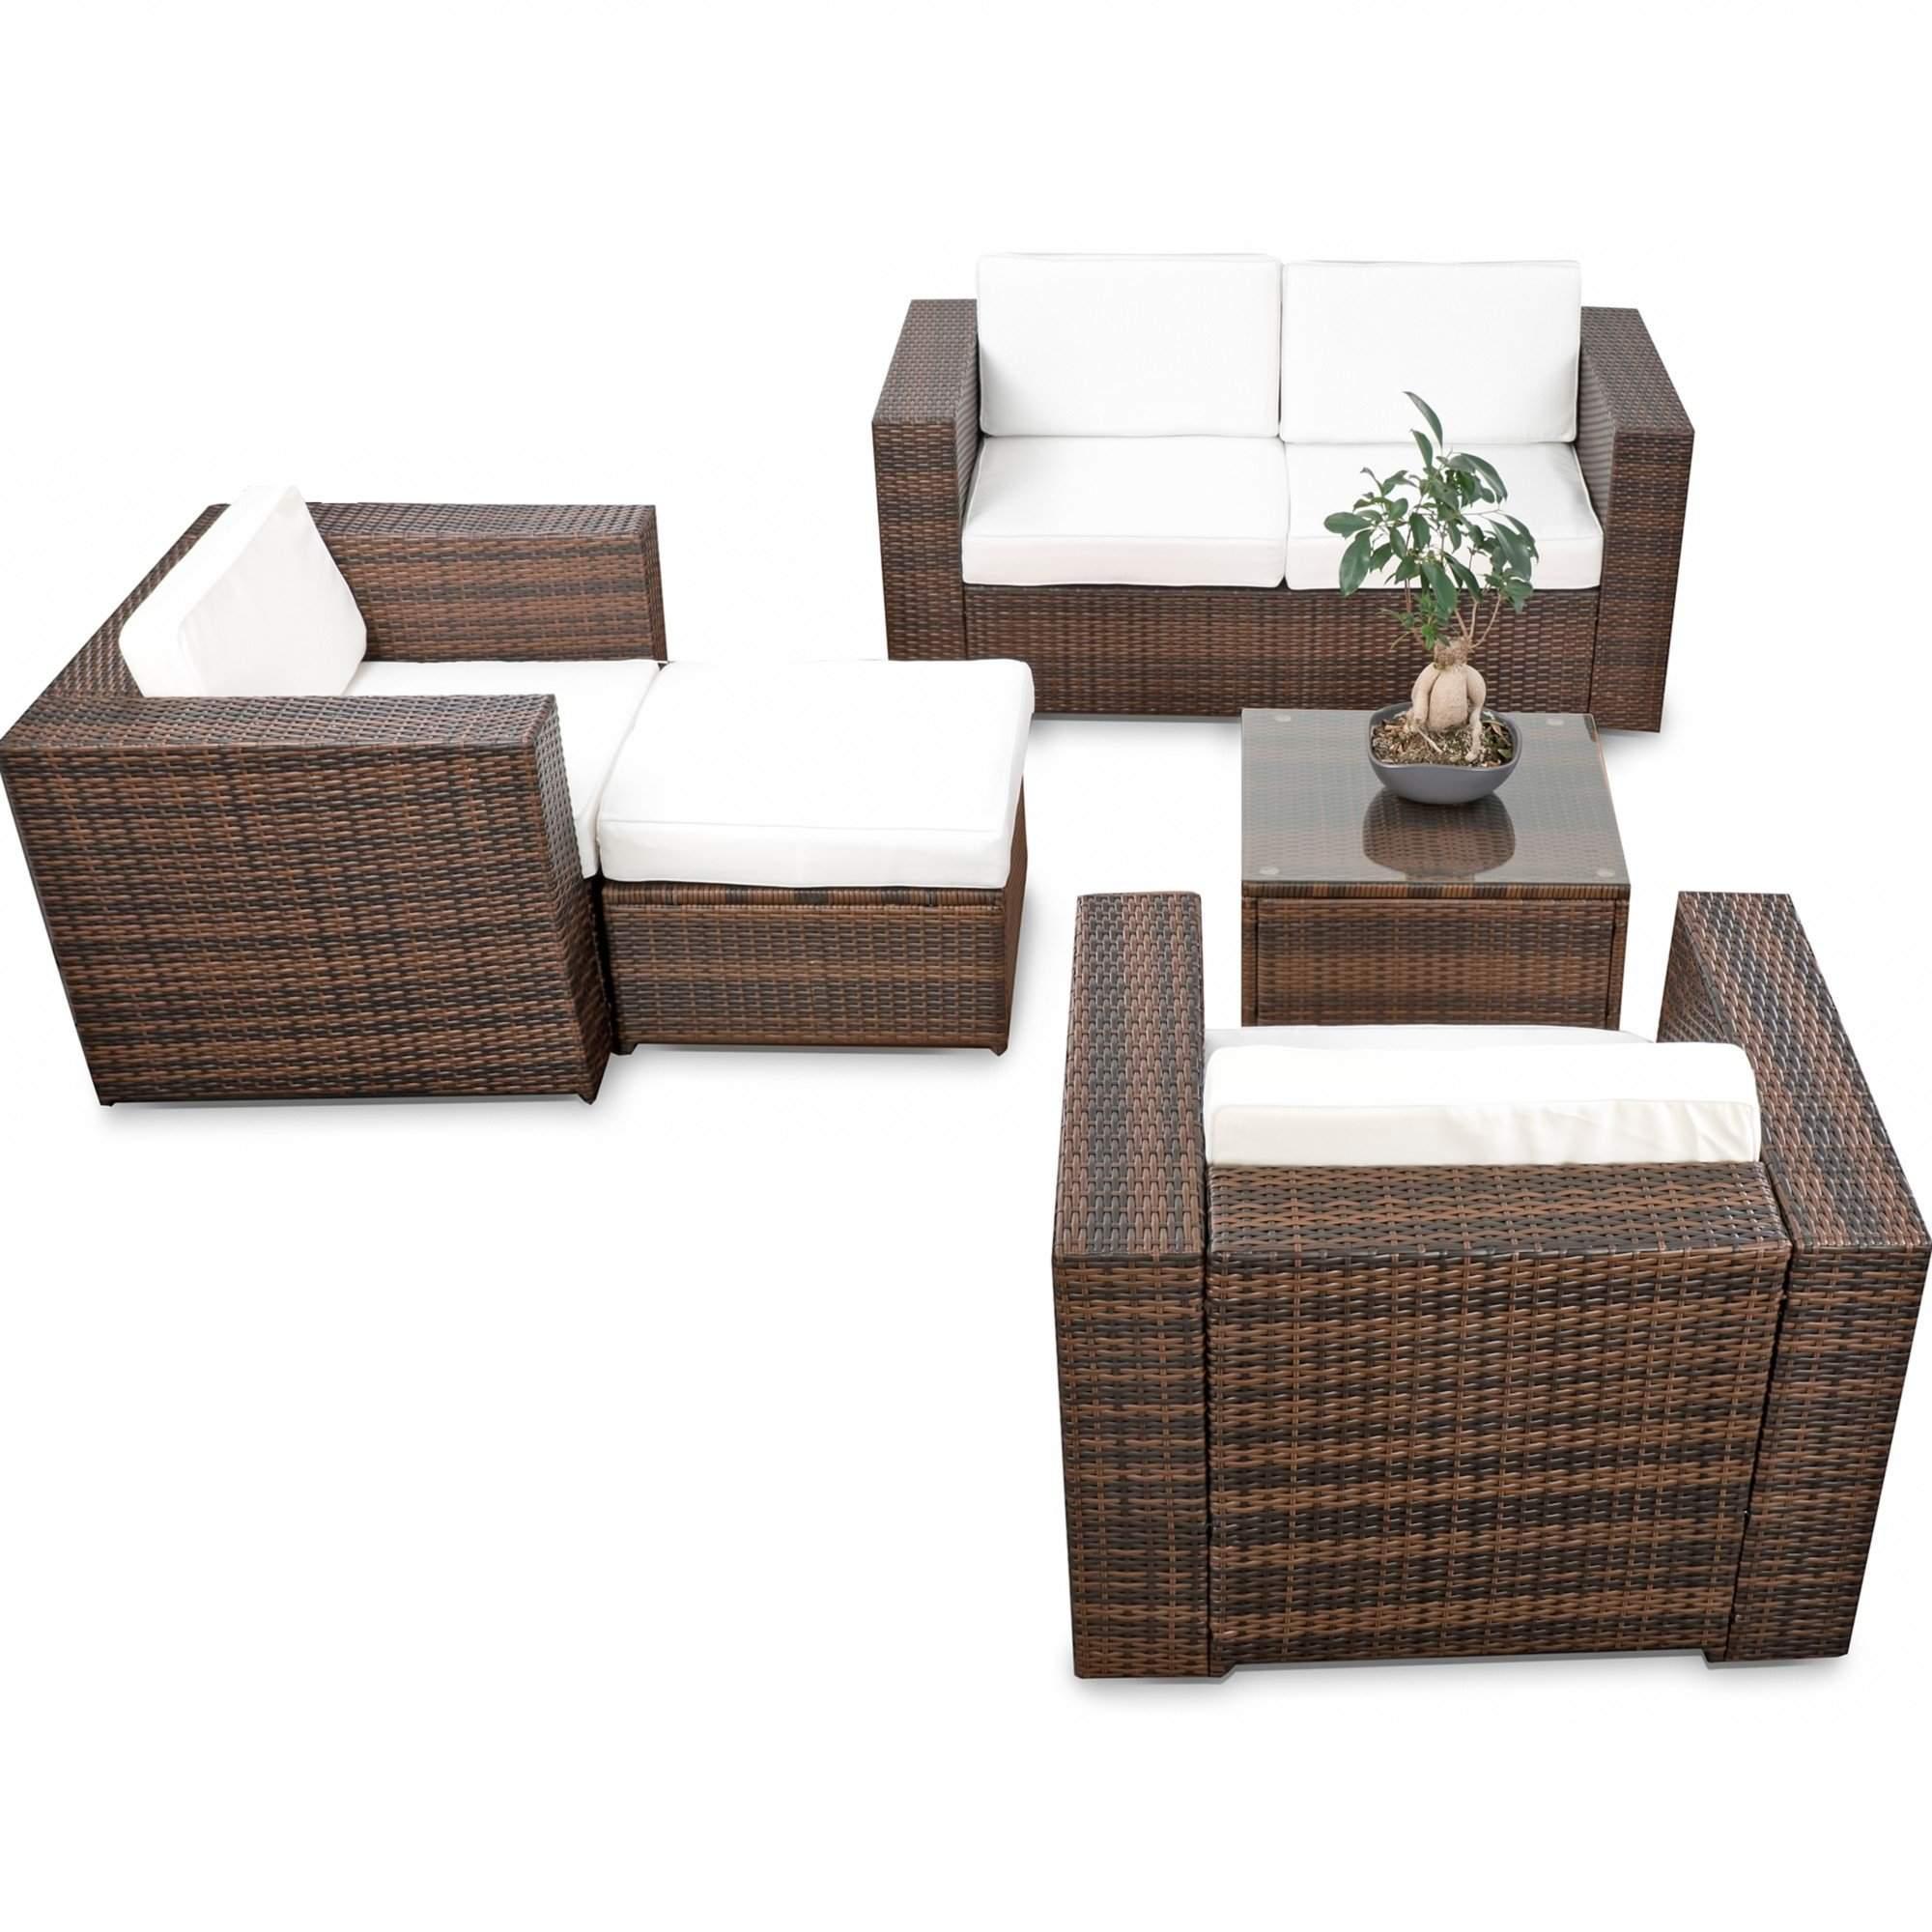 balkon loungemoebel xl 15 tlg polyrattan braun